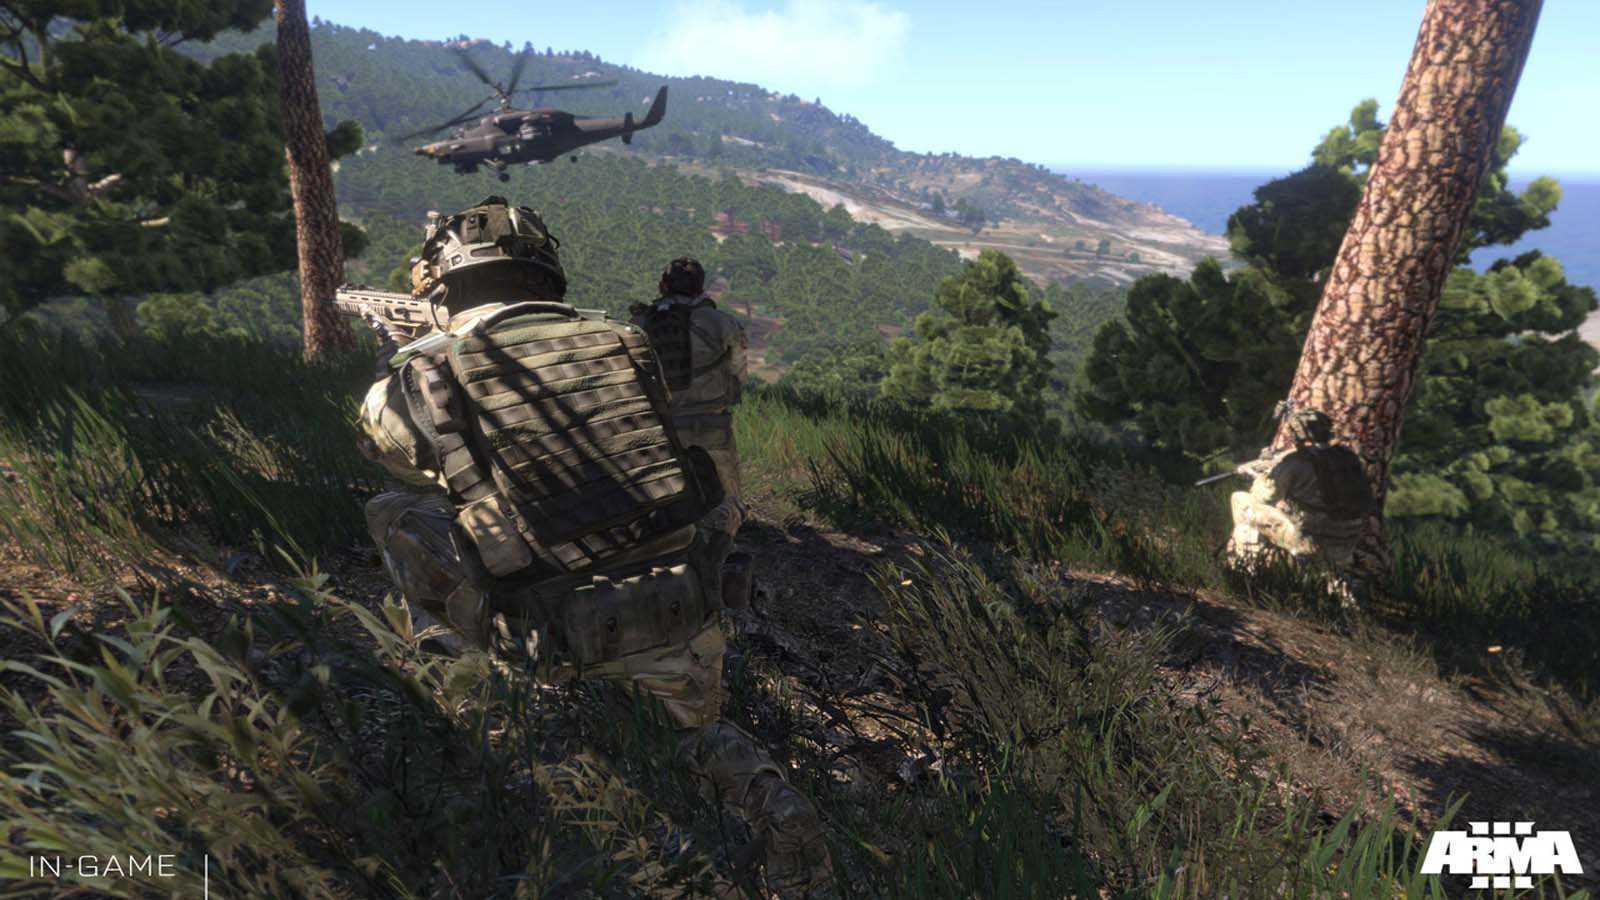 تحميل لعبة Arma 3 مضغوطة برابط واحد مباشر كاملة مجانا